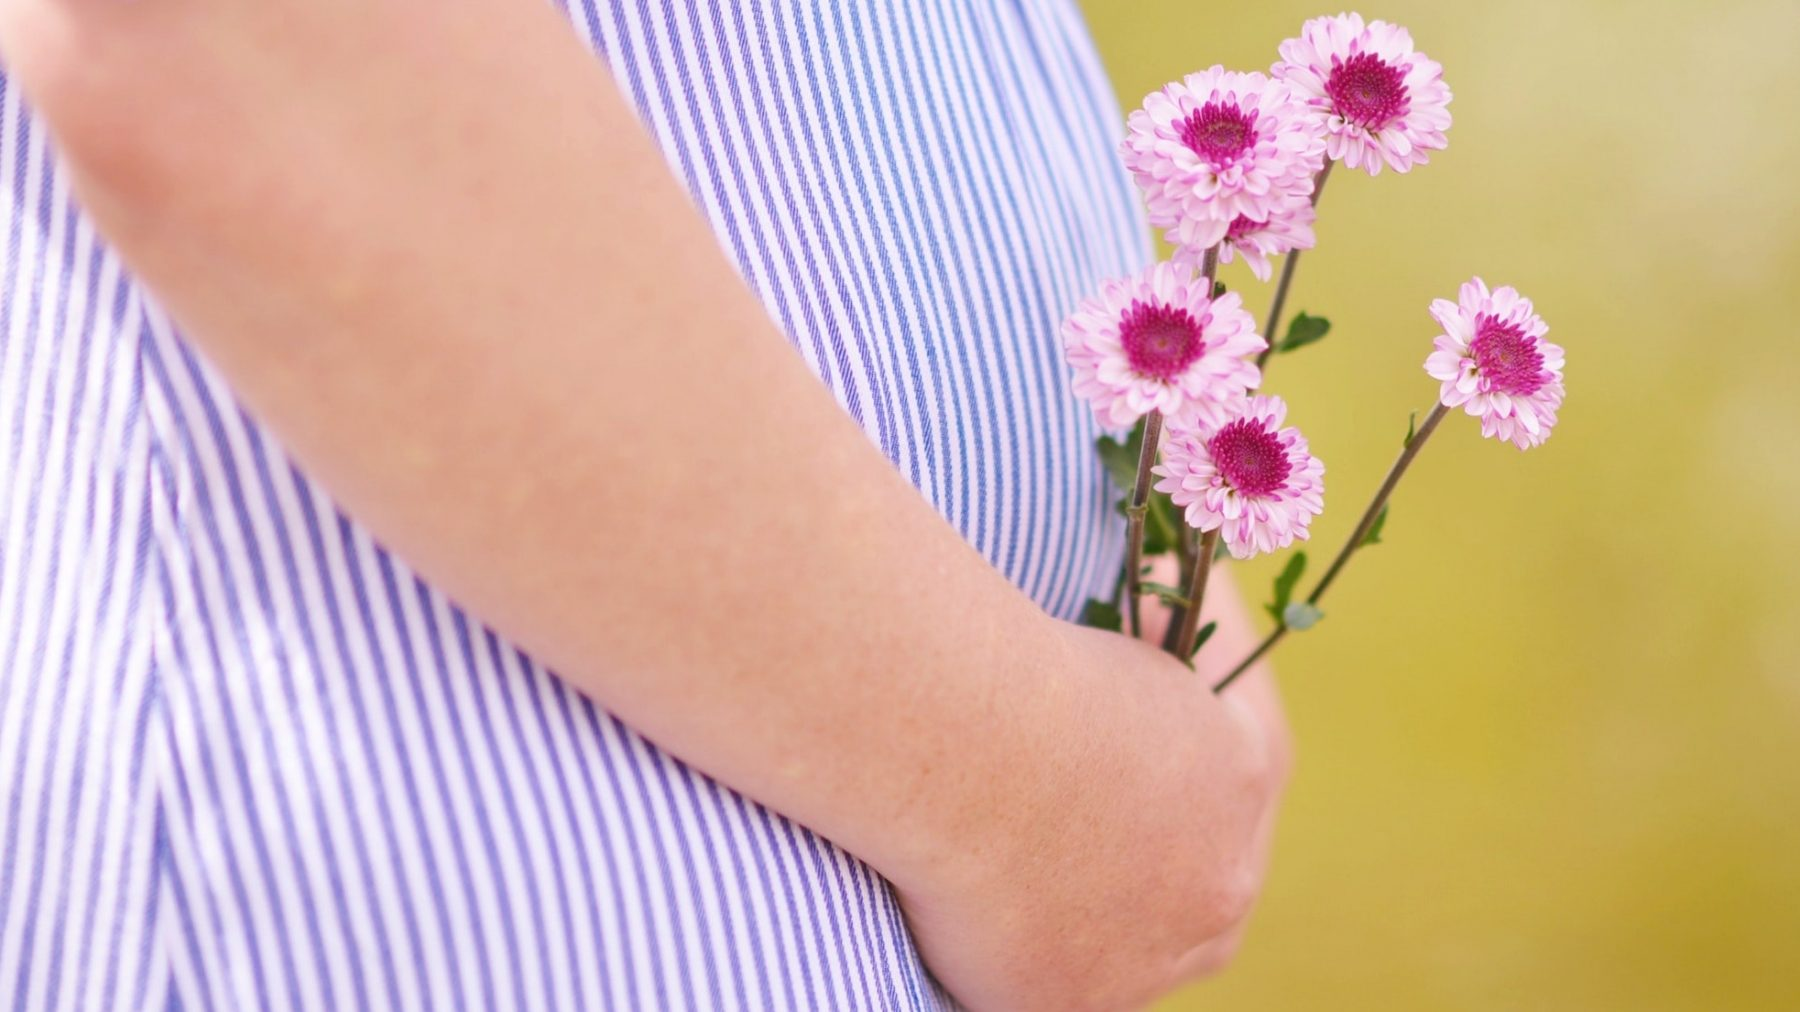 zwanger test grip vruchtbaarheid